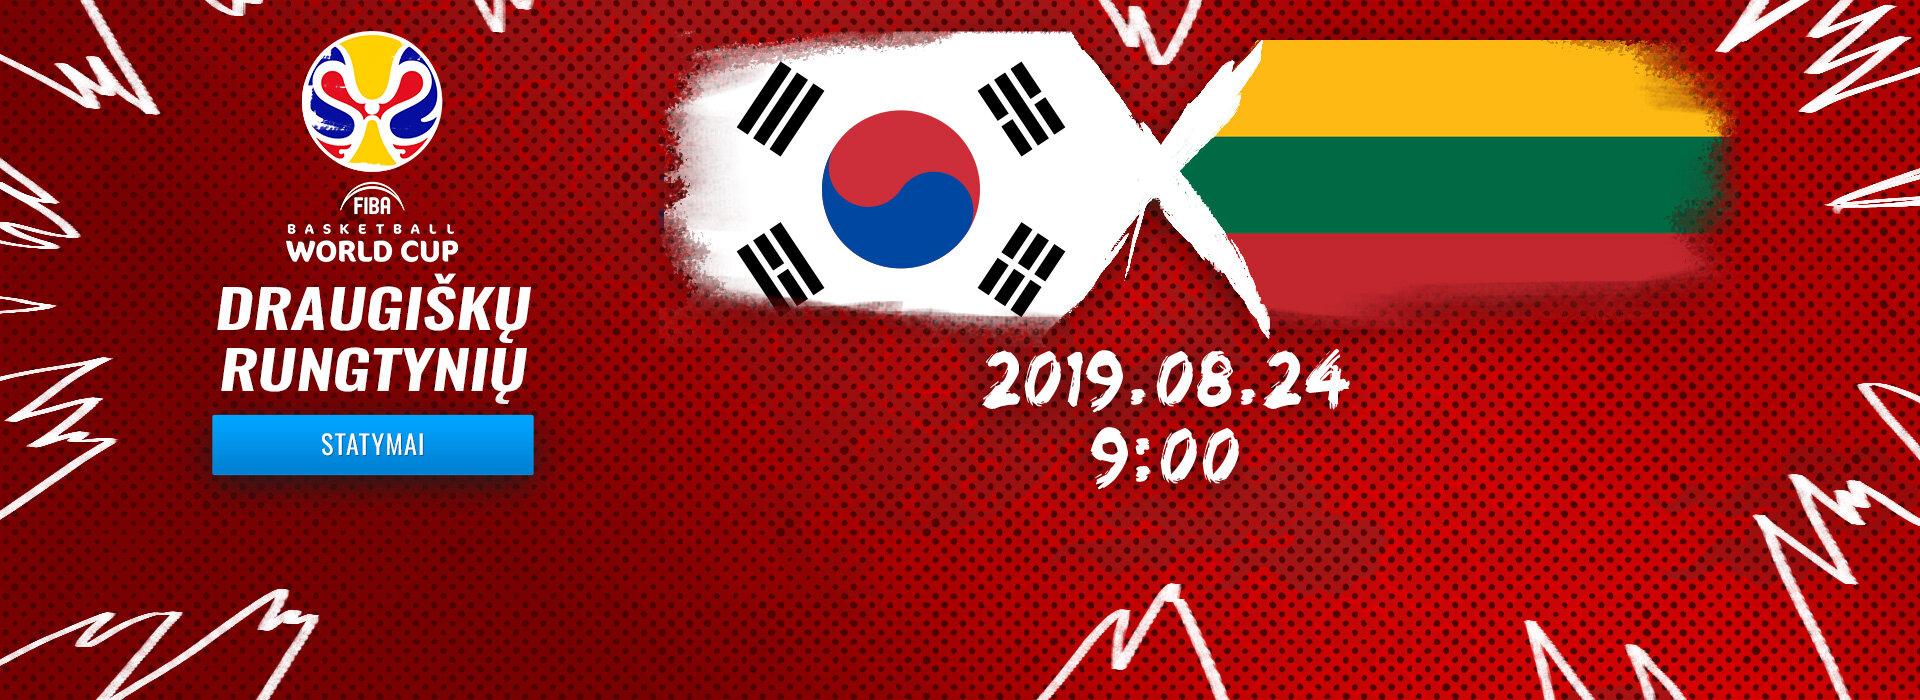 Korėja - Lietuva Draugiškos